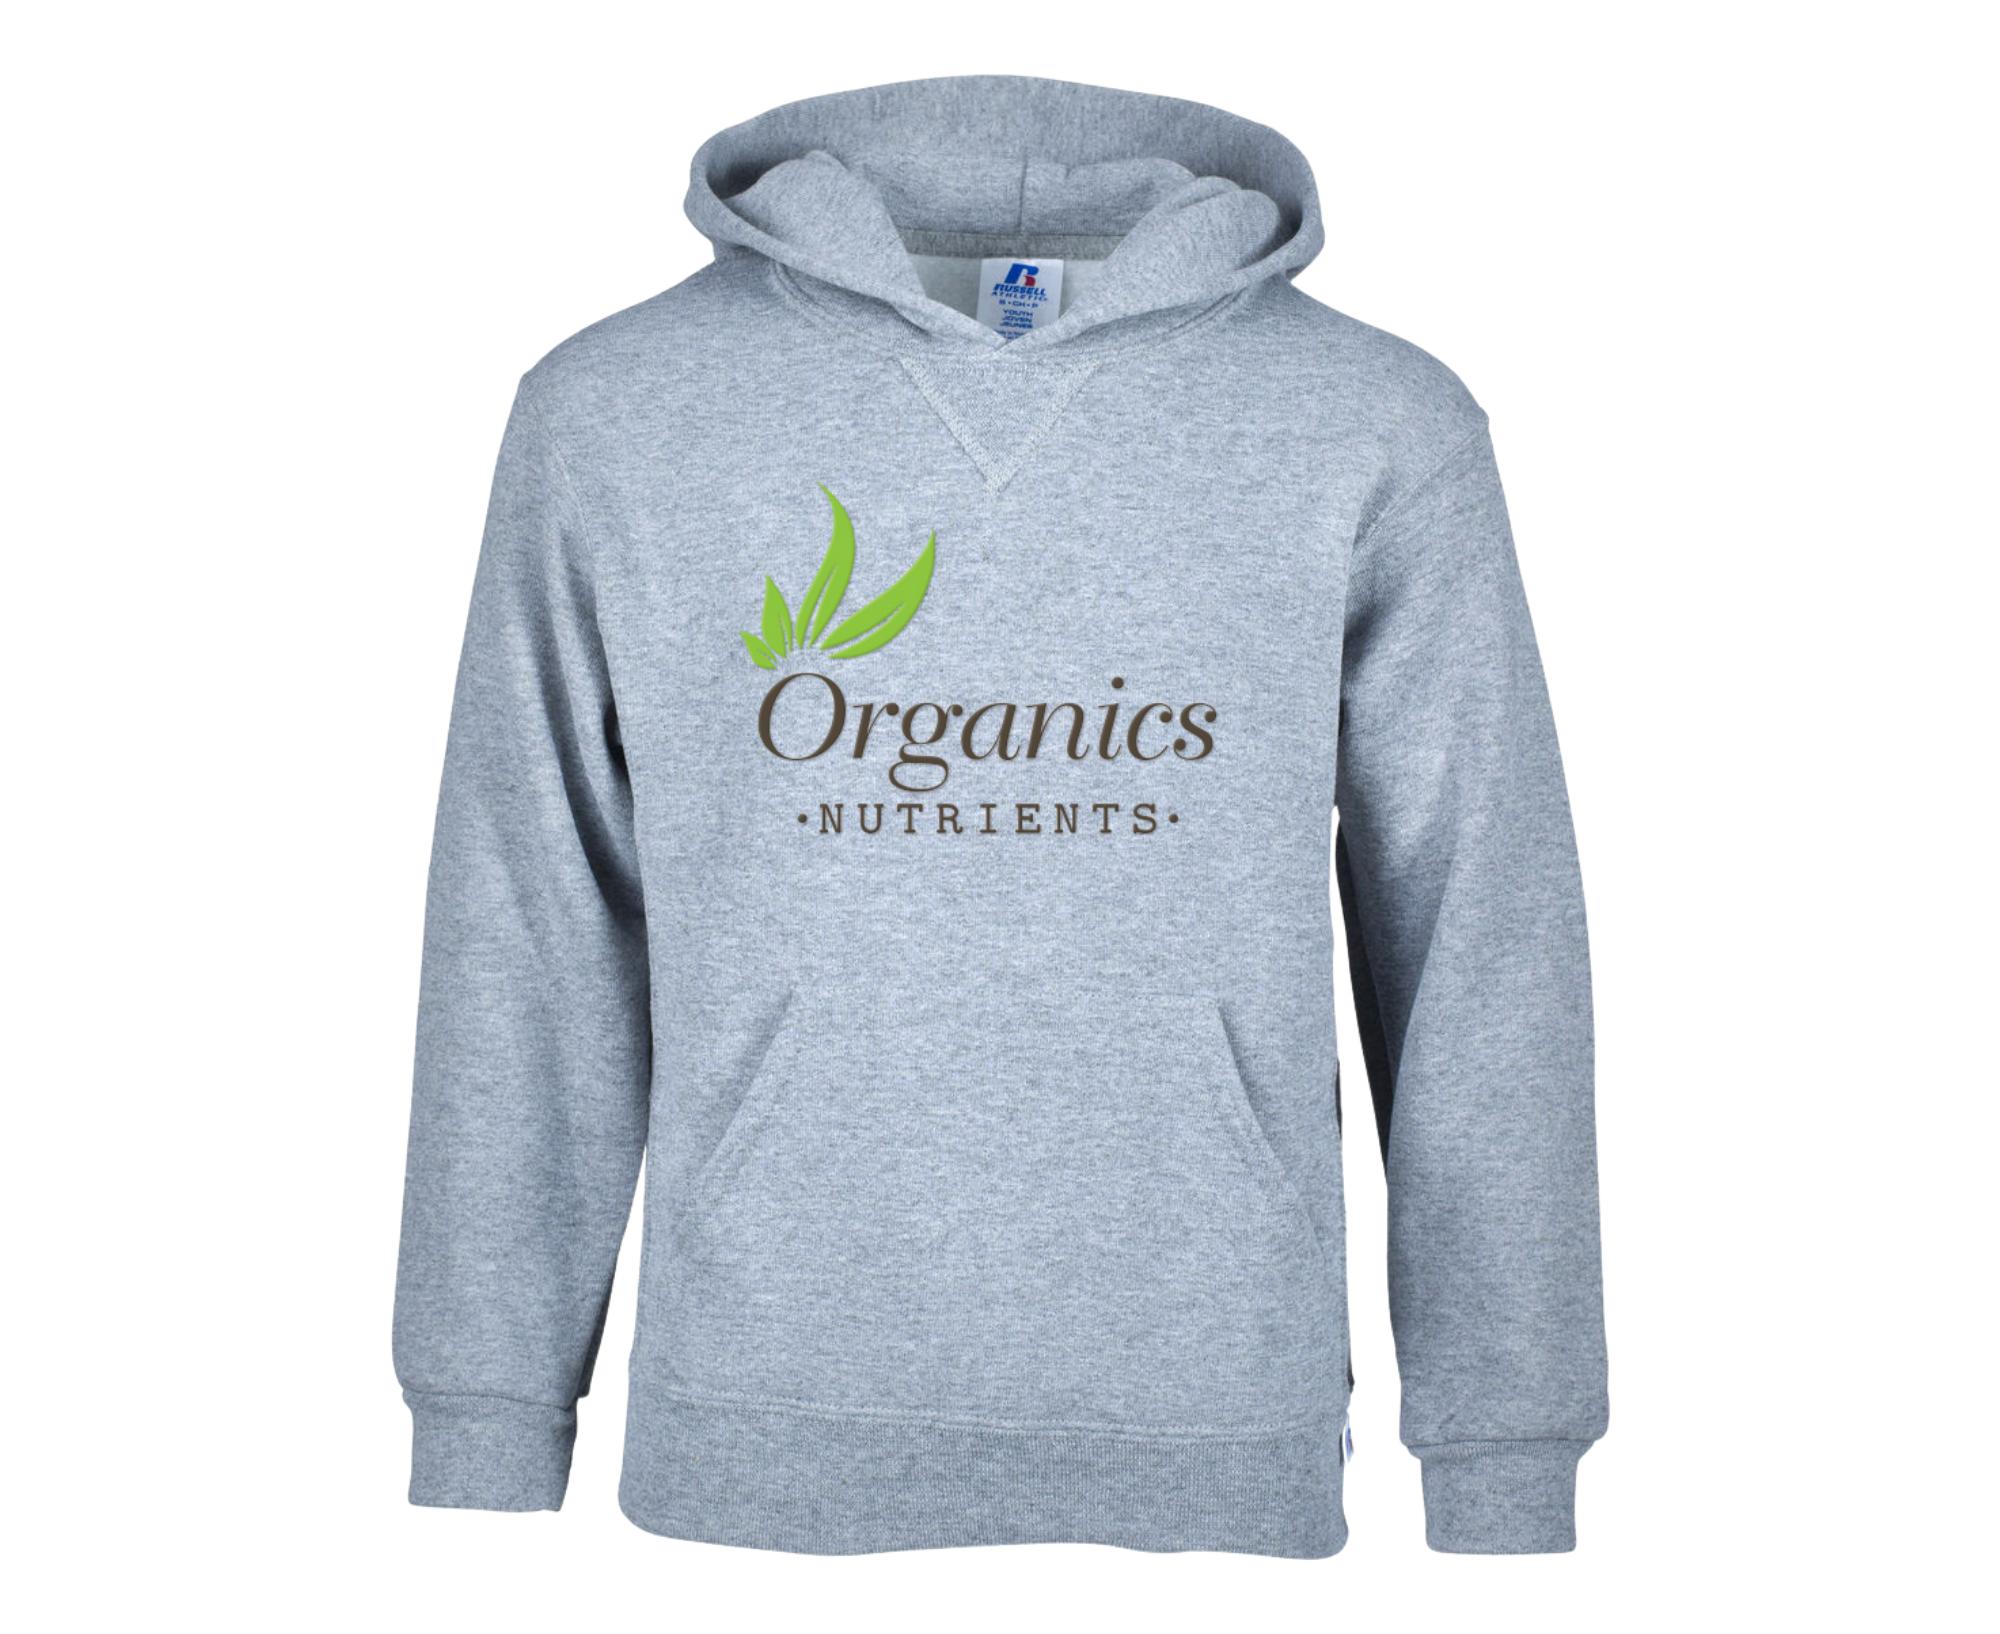 Džemper Organics Nutrients